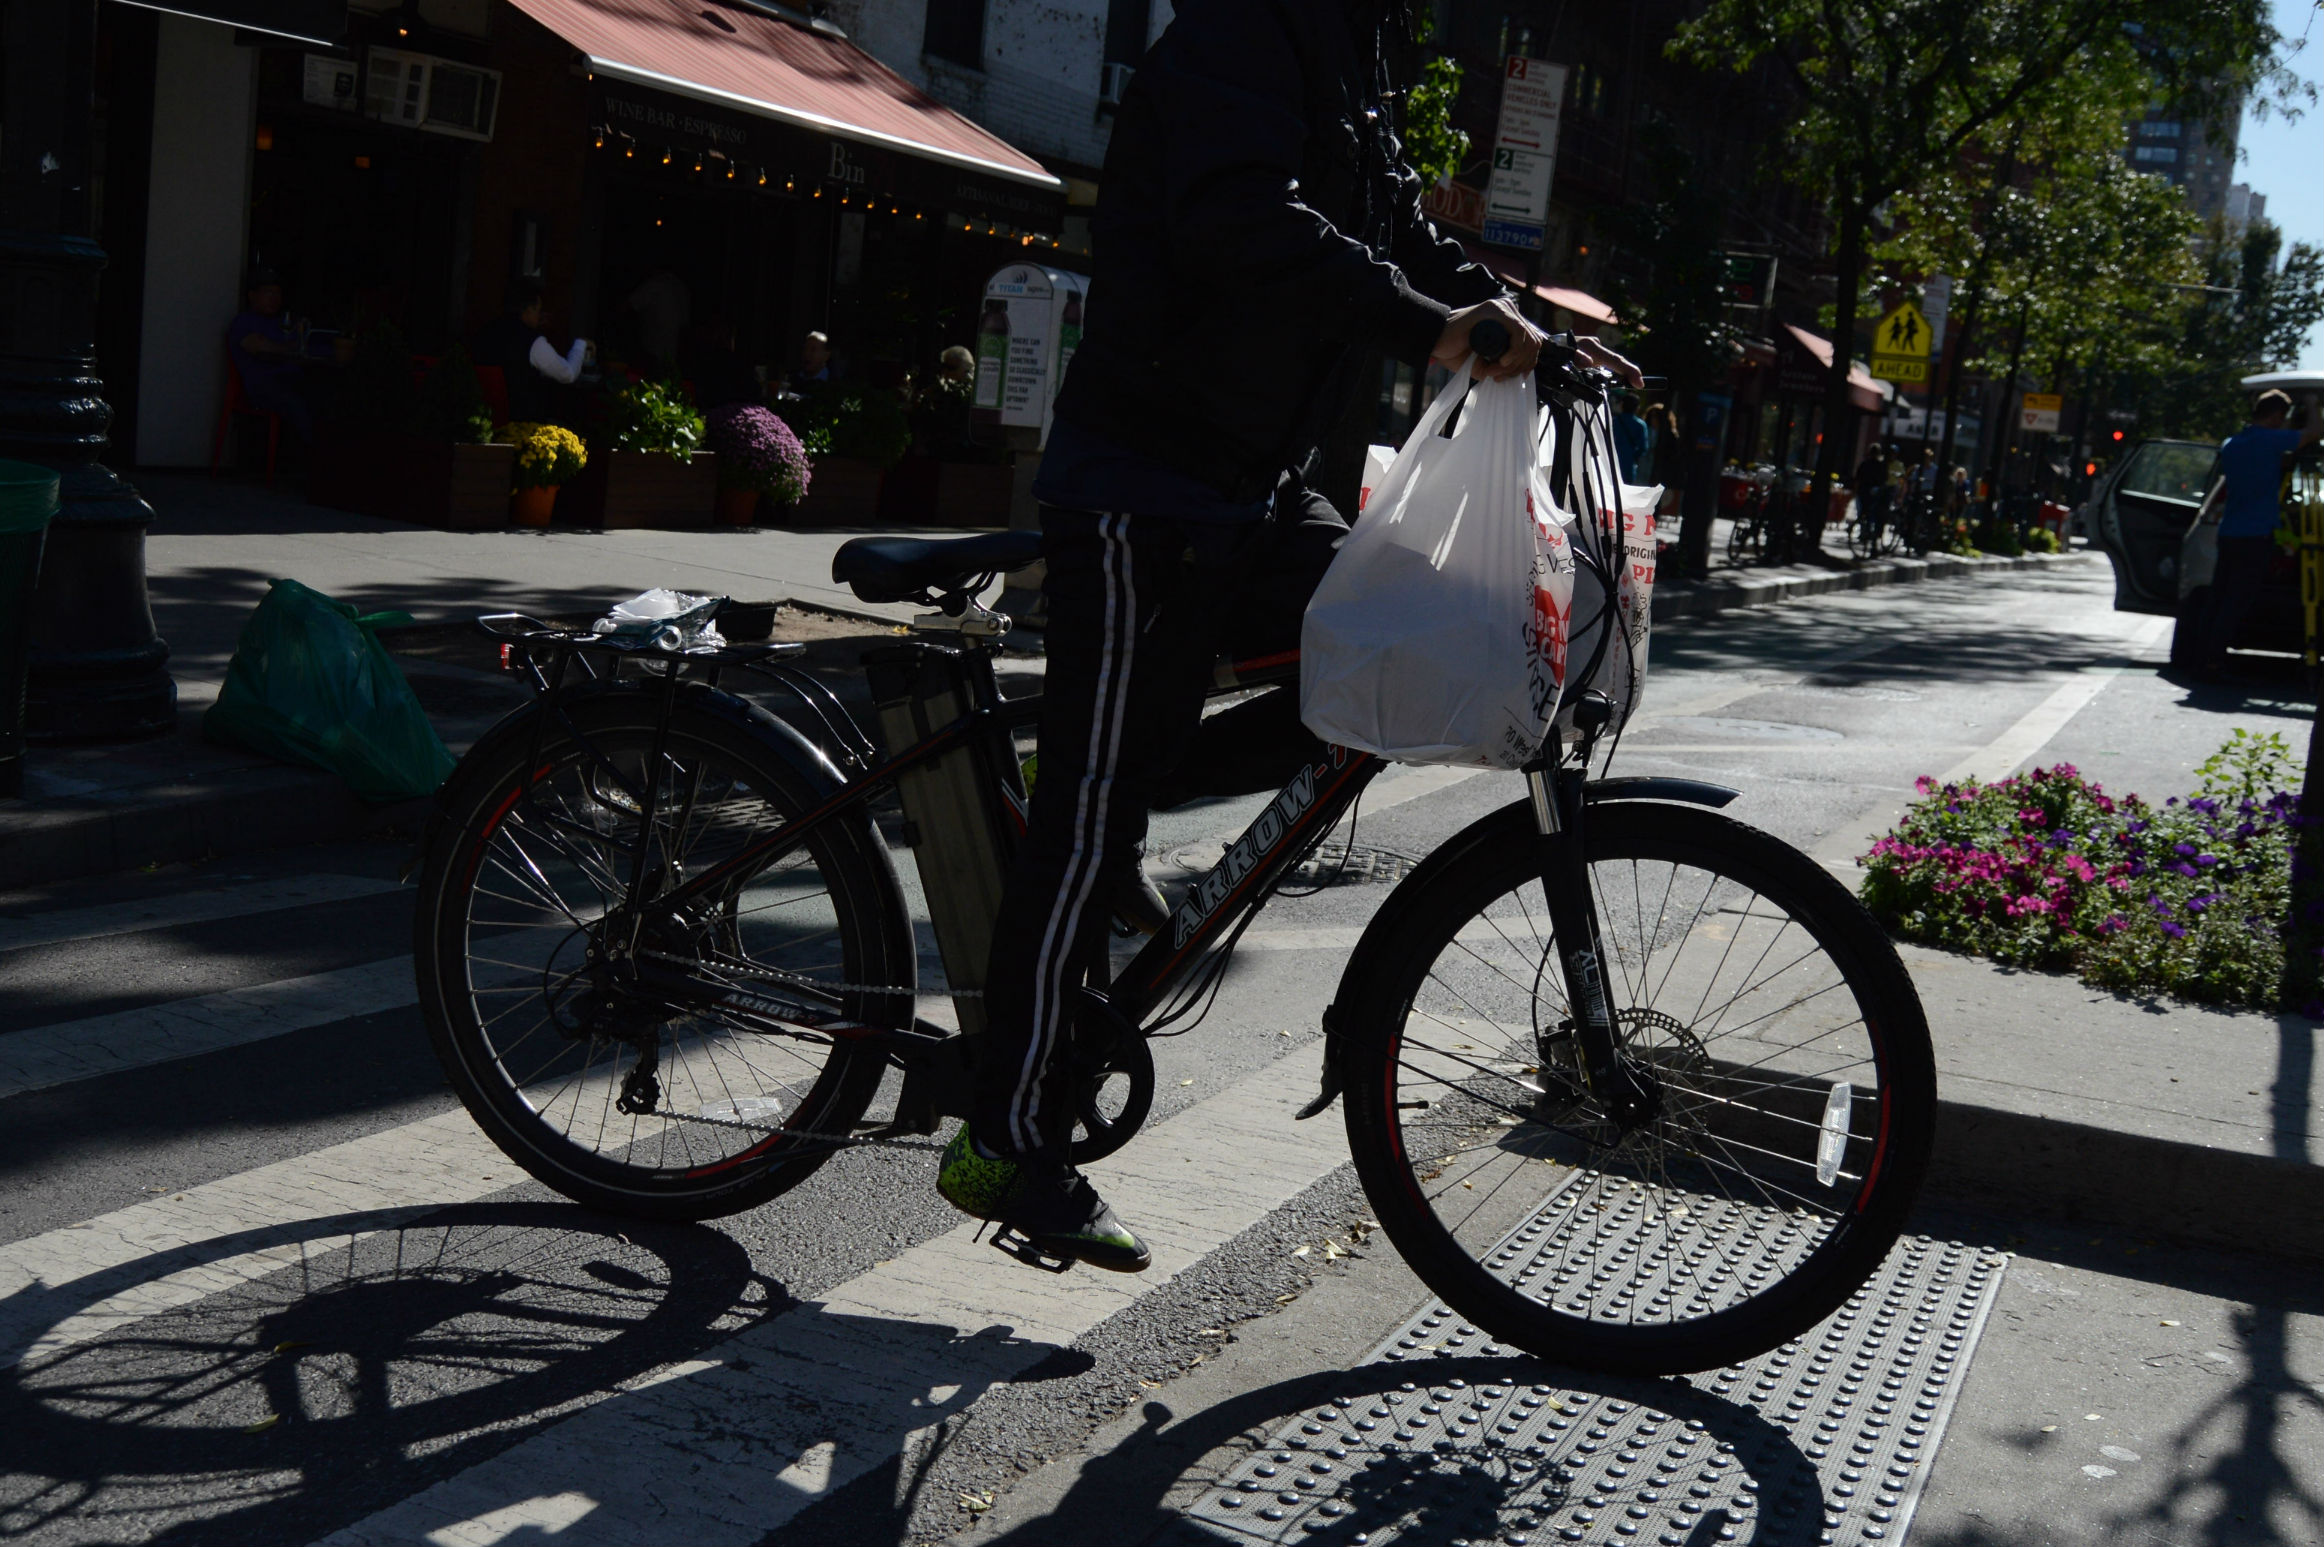 De Blasio Announces Crackdown On E-Bike Riders